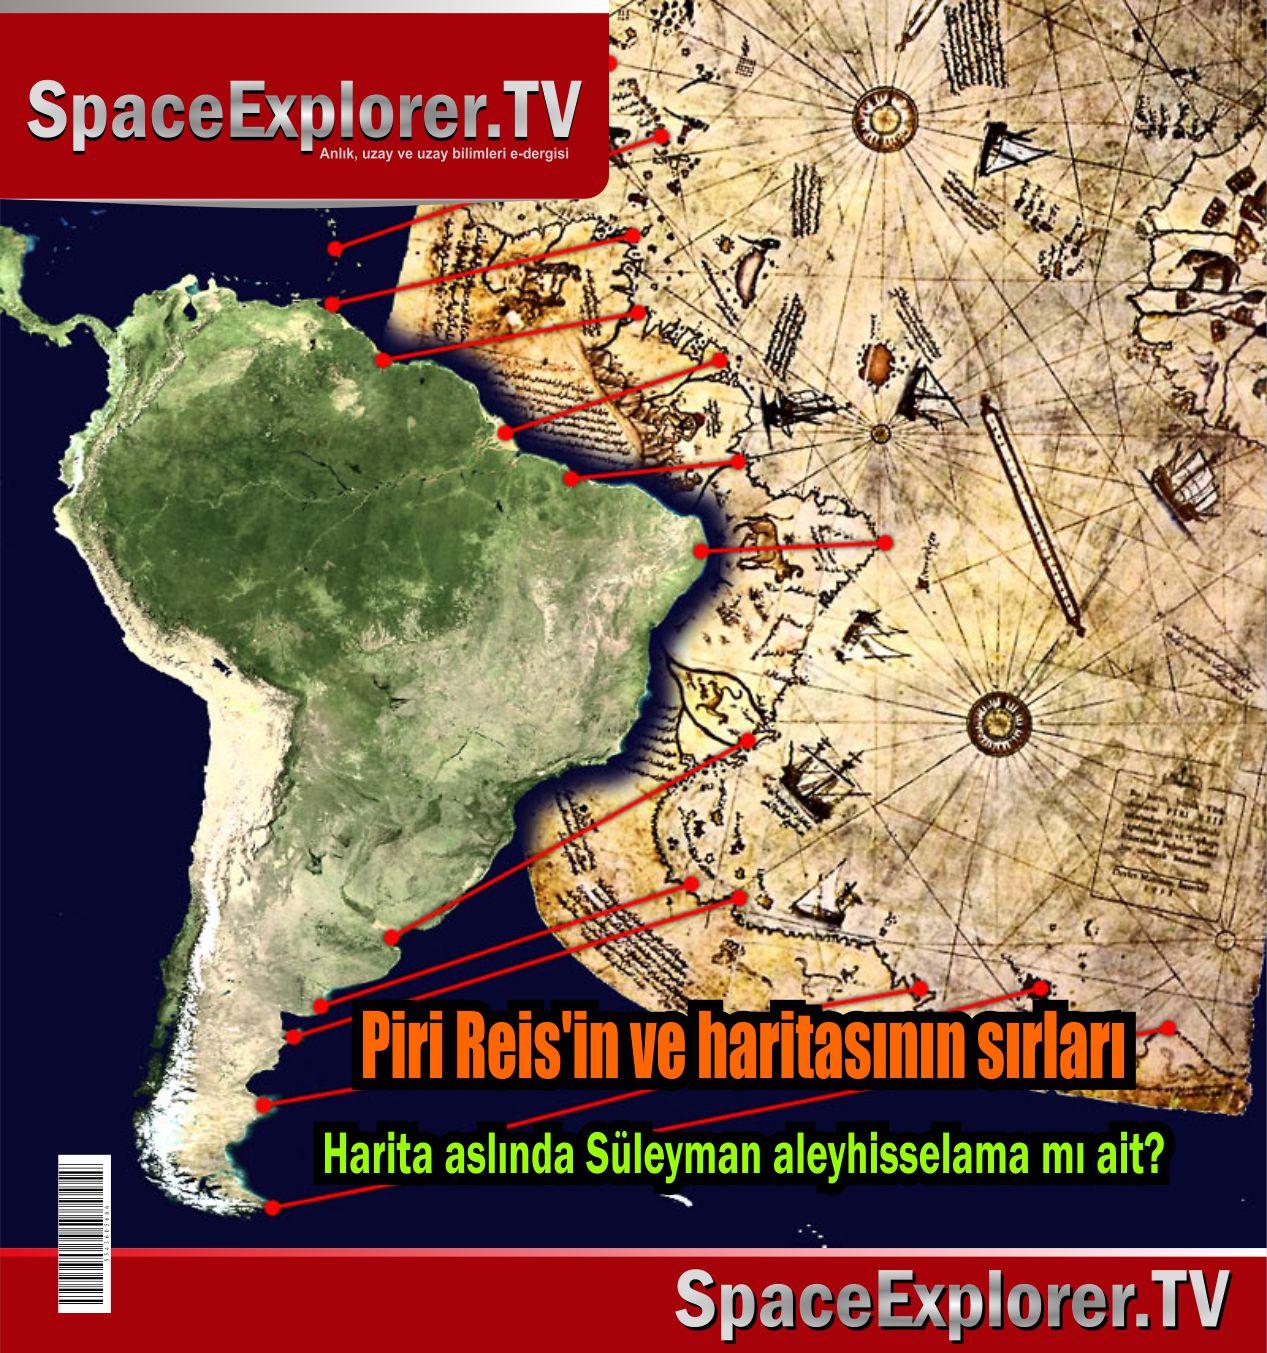 Metin Soylu, Piri Reis, Piri Reis'in dünya haritası, Geçmiş teknoloji devirleri, Süleyman aleyhisselam, Zülkarneyn, Büyük İskender, İskender, İskender-i Zülkarneyn, Evliya Çelebi, Space Explorer,